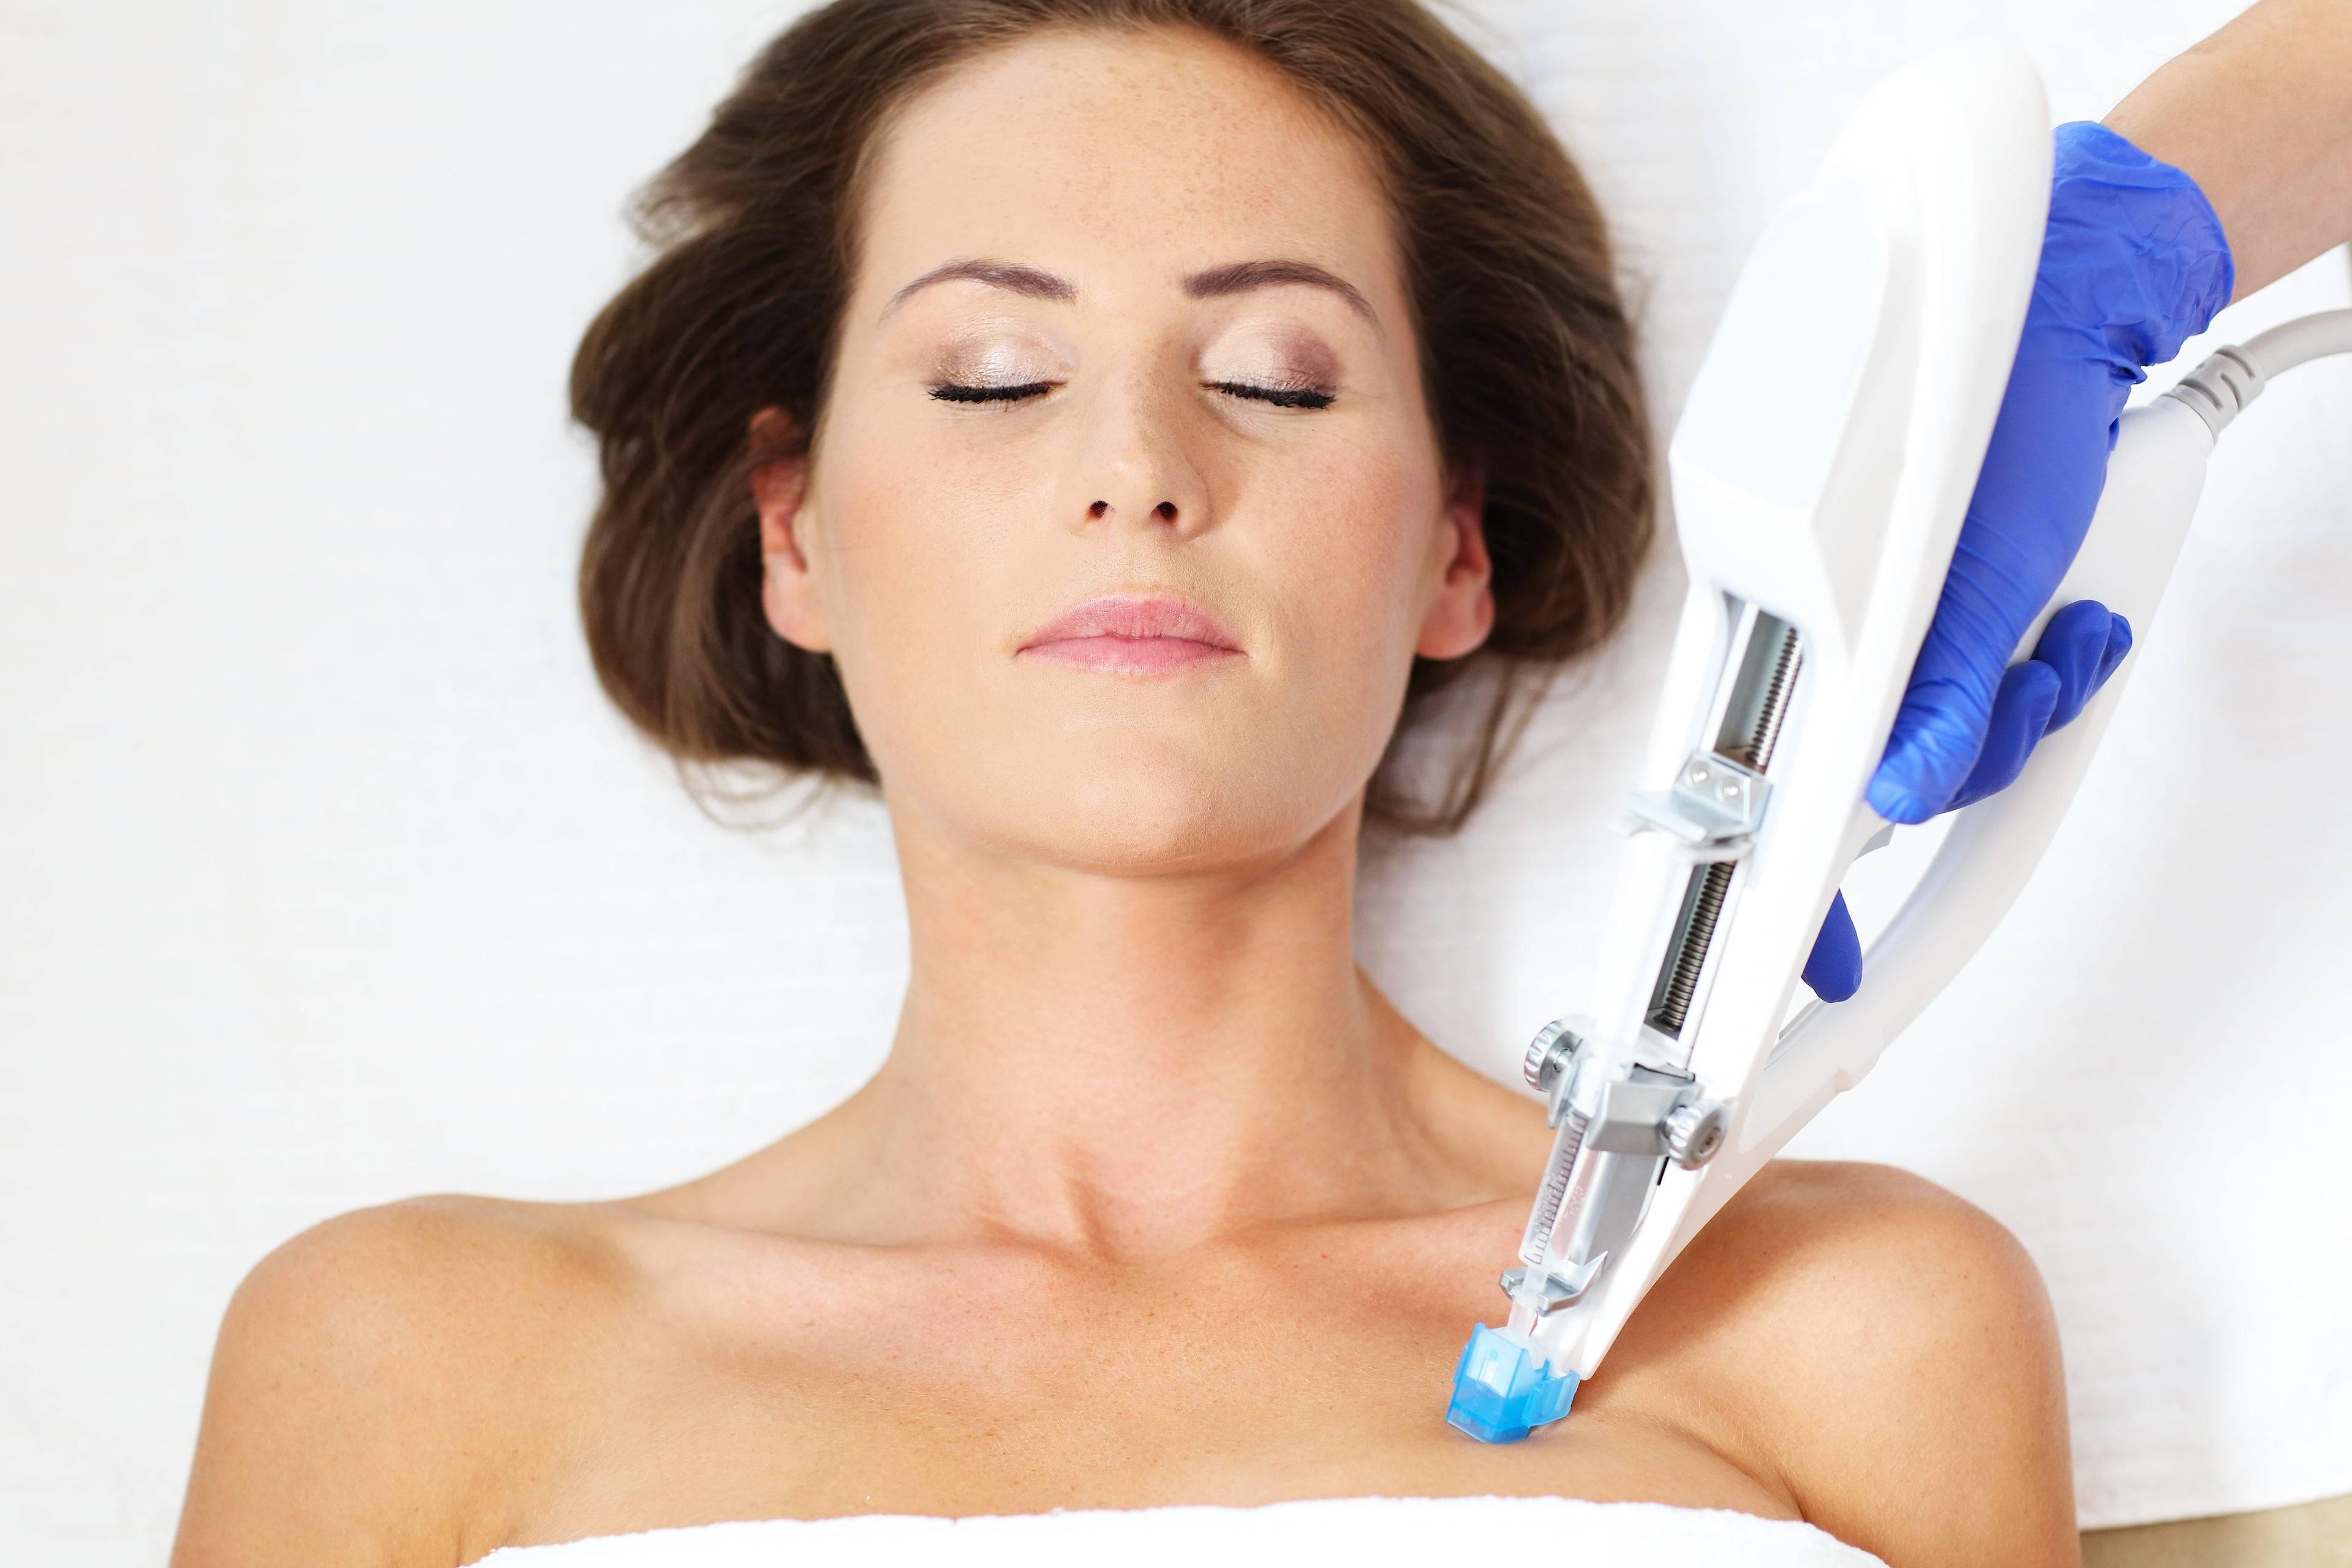 Биоревитализация и мезотерапия: в чем разница, что выбирать для омоложения лица